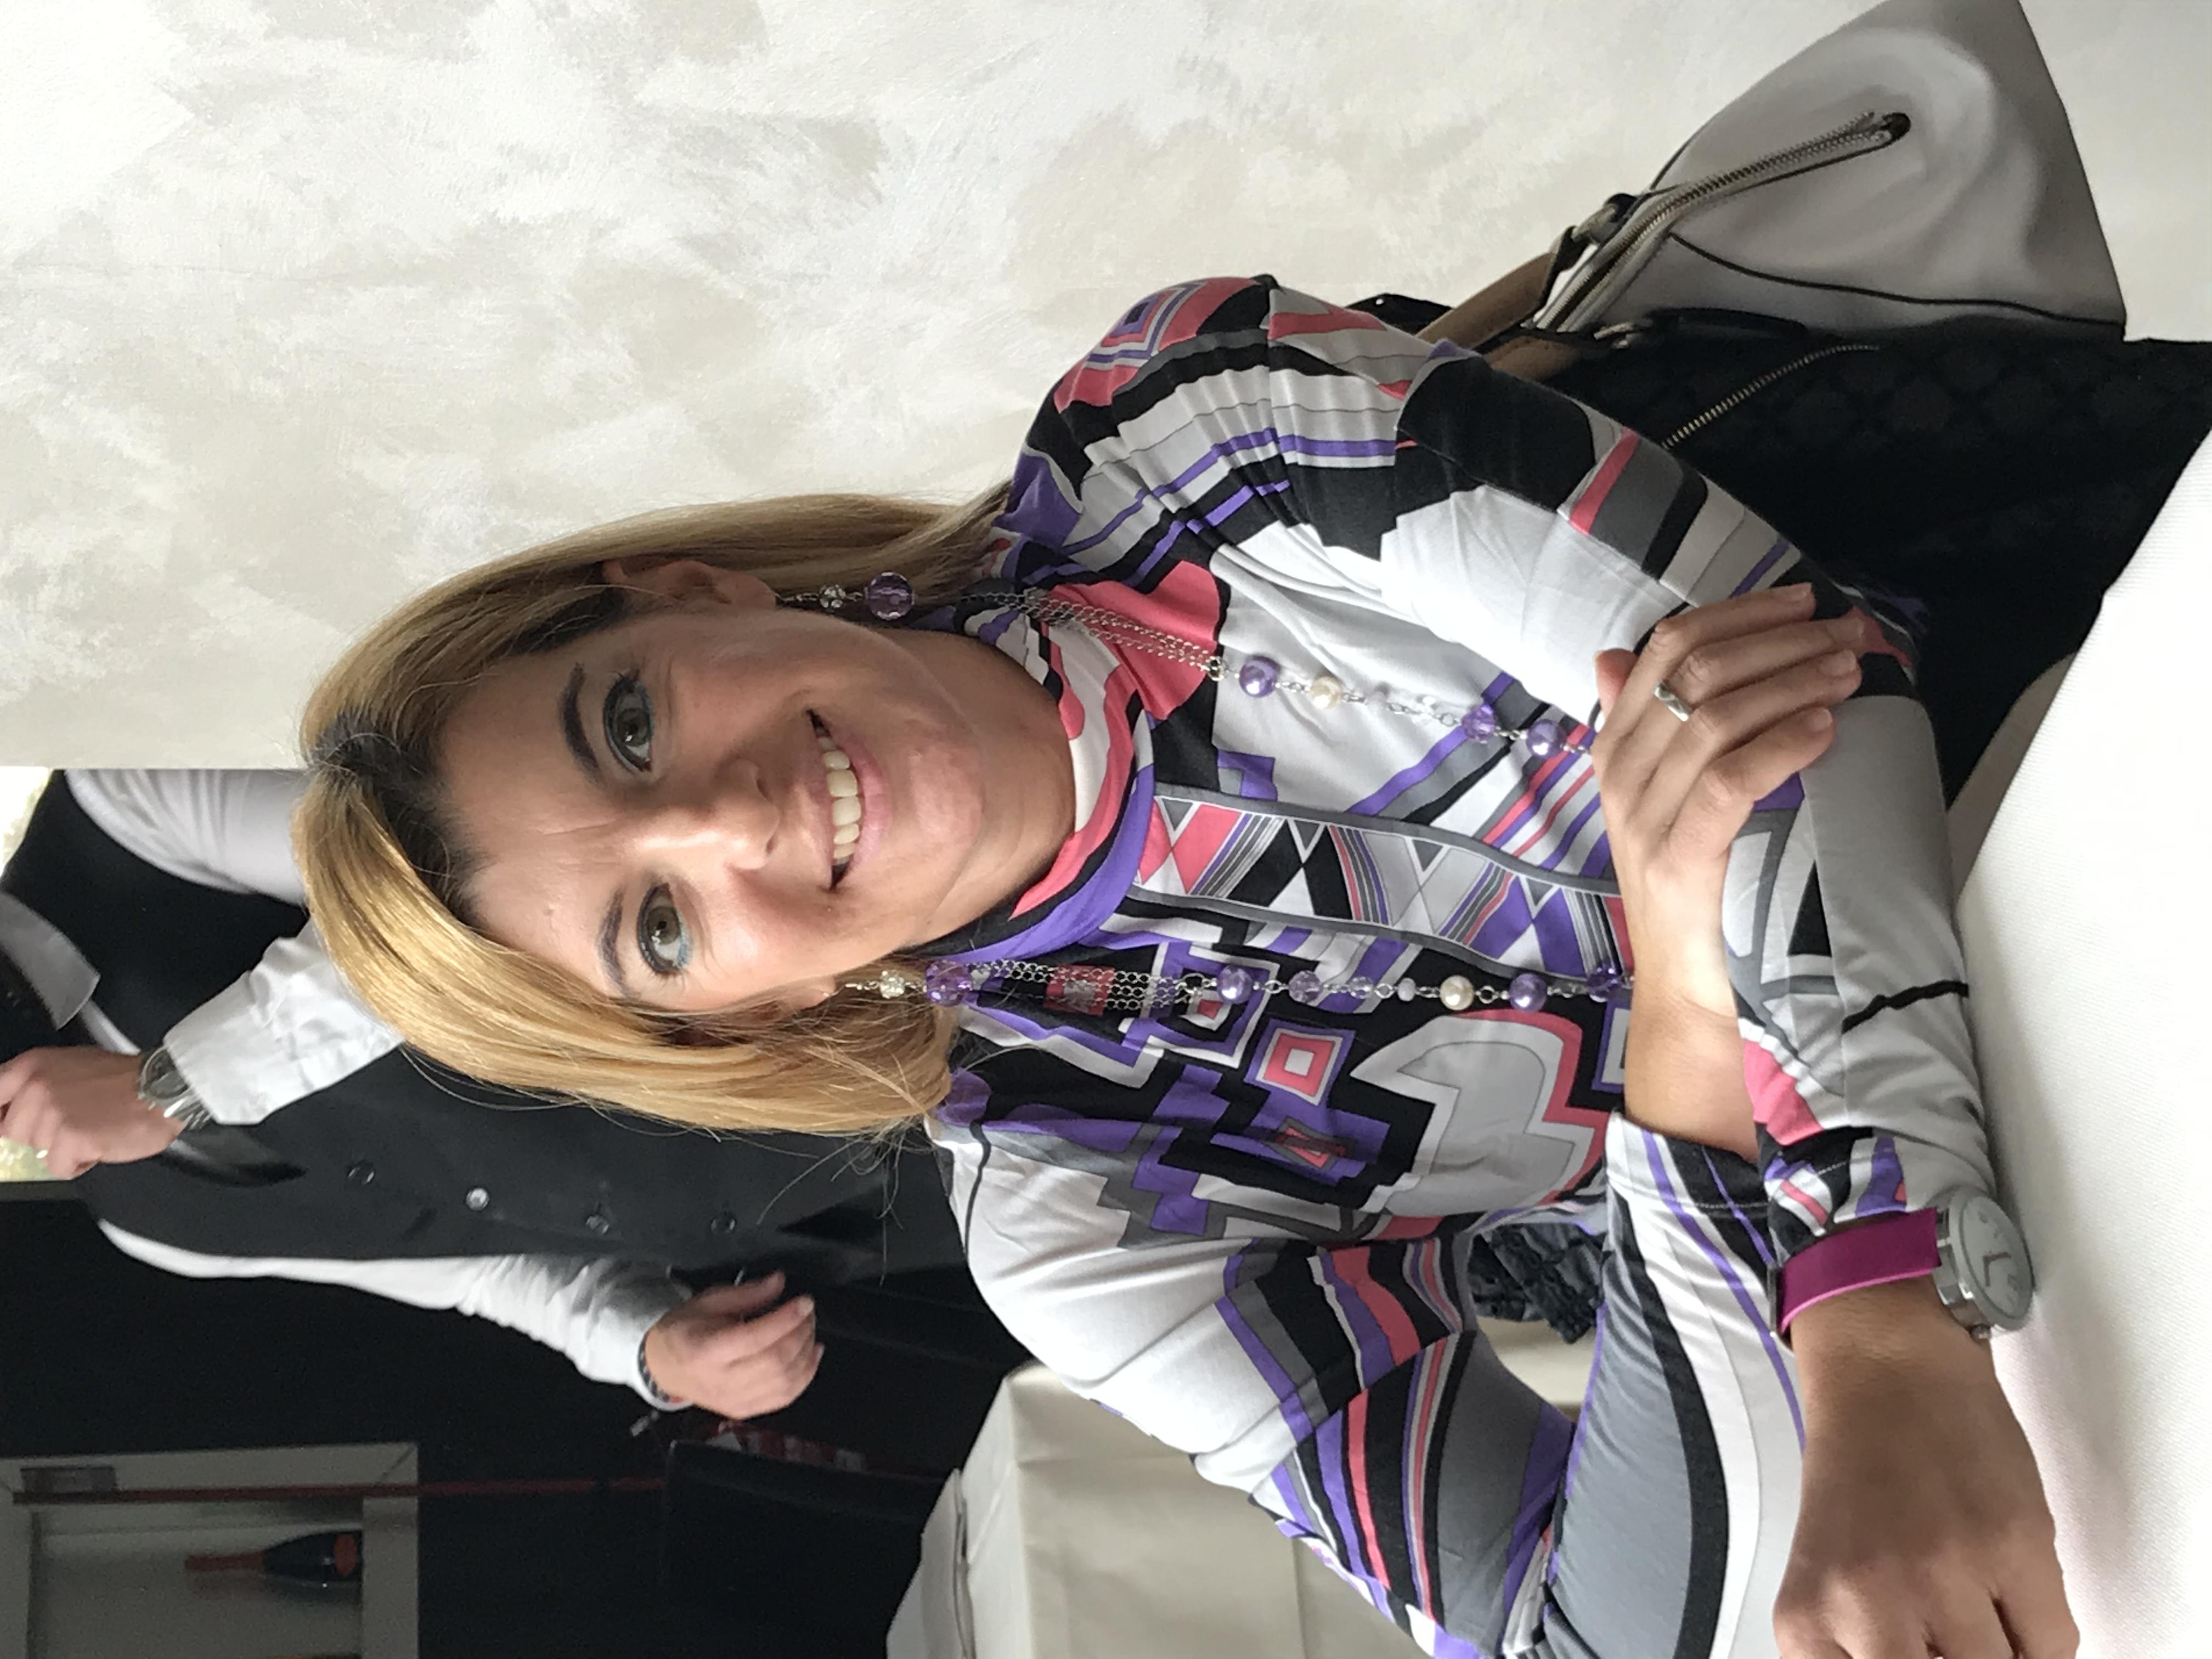 Chiara Ceppi